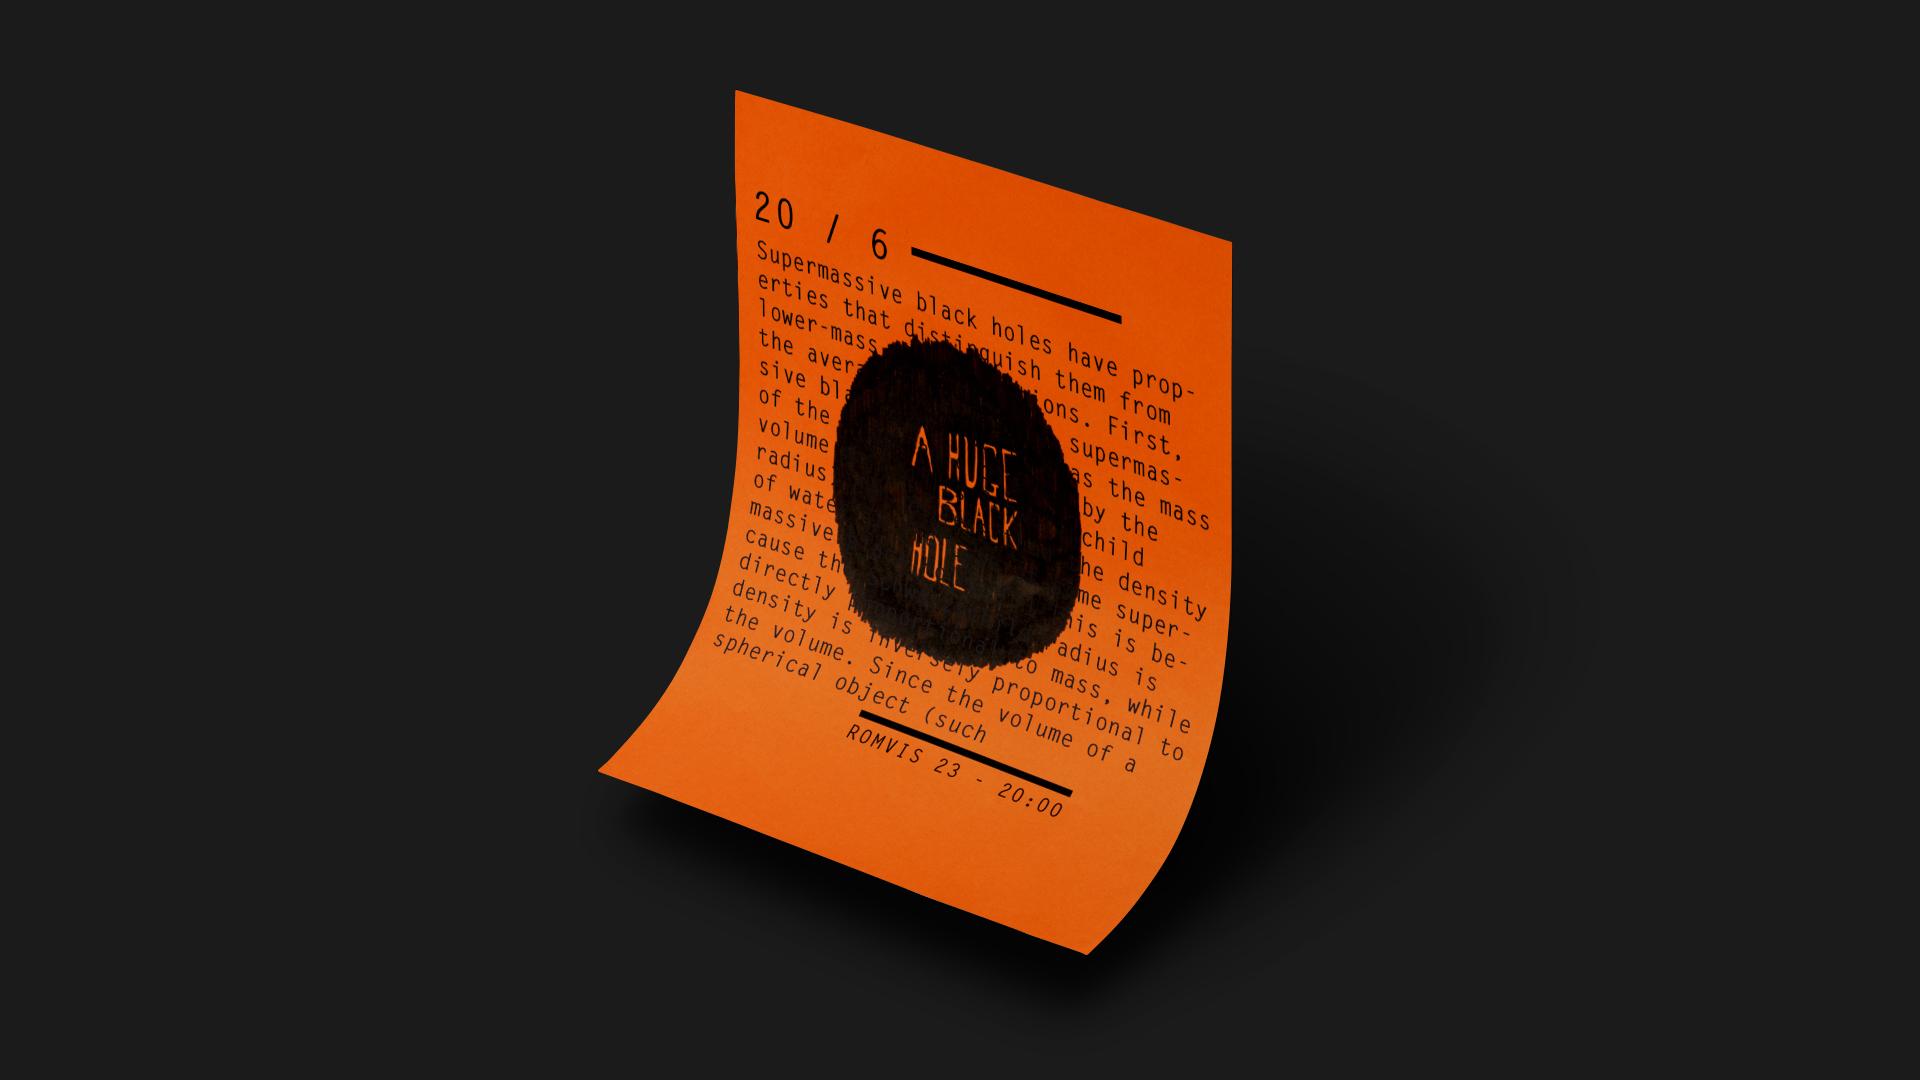 designpark_huge_black_hole_flyer